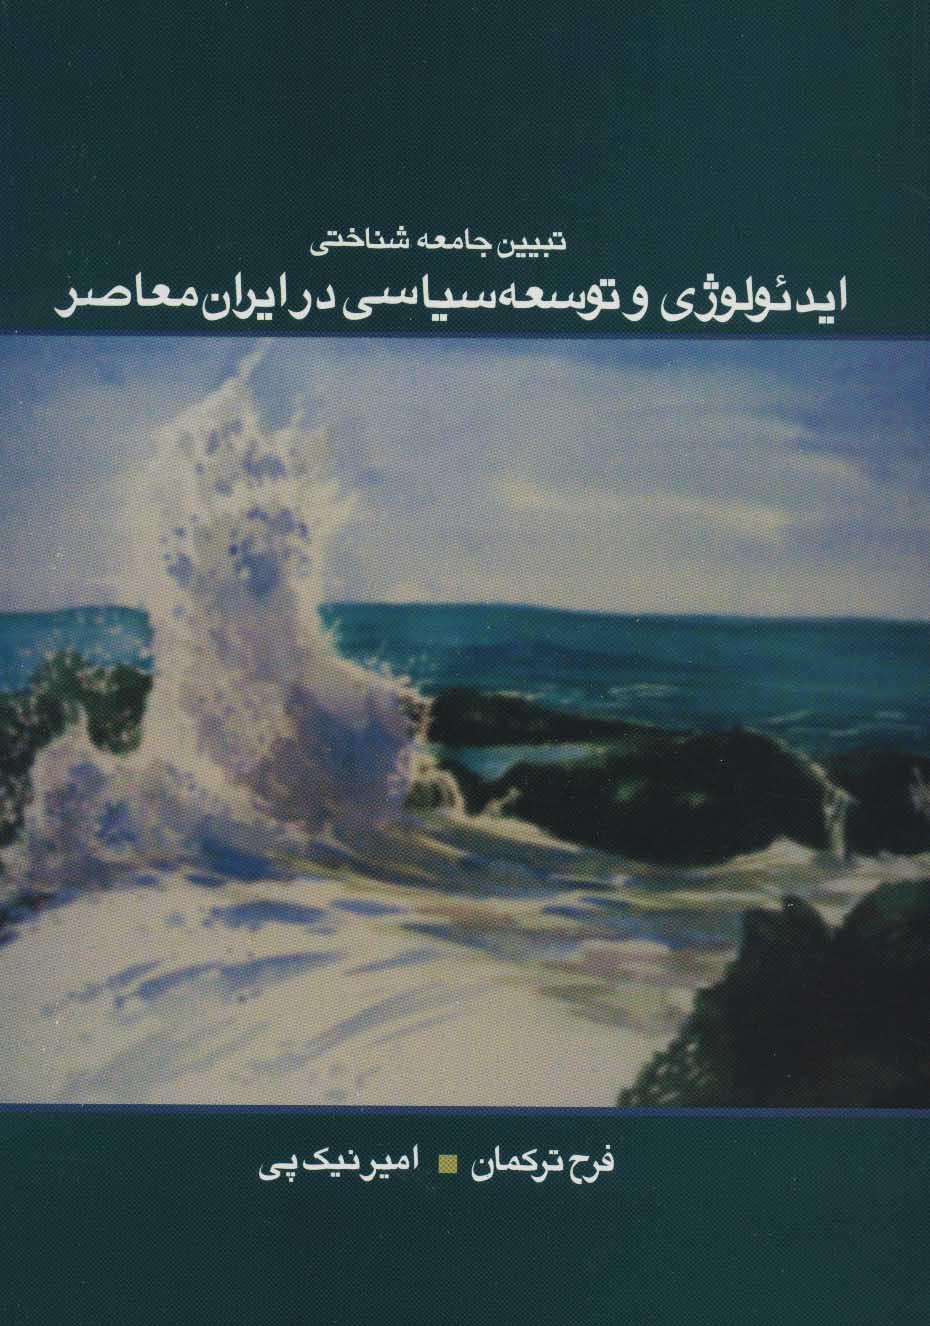 تبیین جامعه شناختی ایدئولوژی و توسعه سیاسی در ایران معاصر